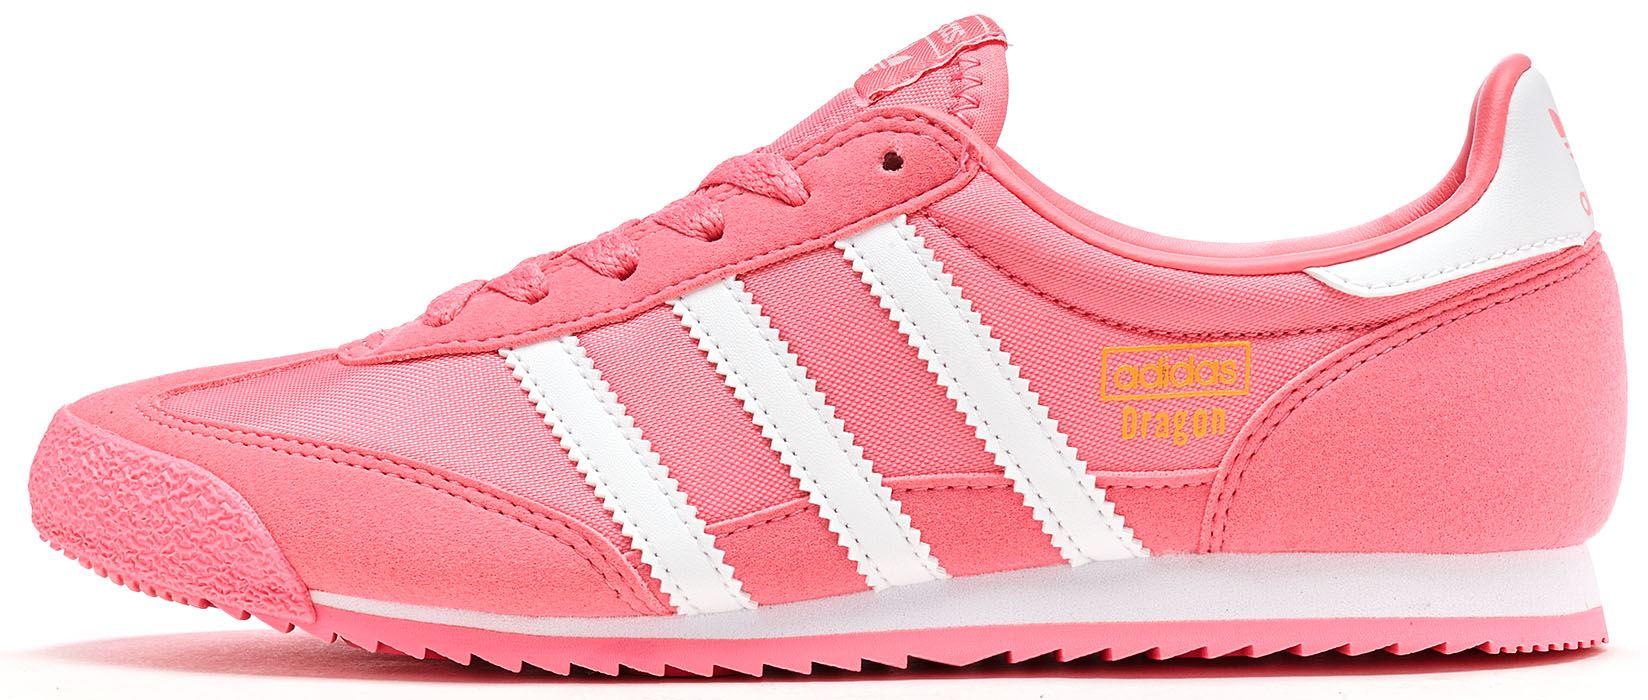 ADIDAS Originali GS DRAGON OG Scarpe sportive in camoscio chiaro rosa e bianco